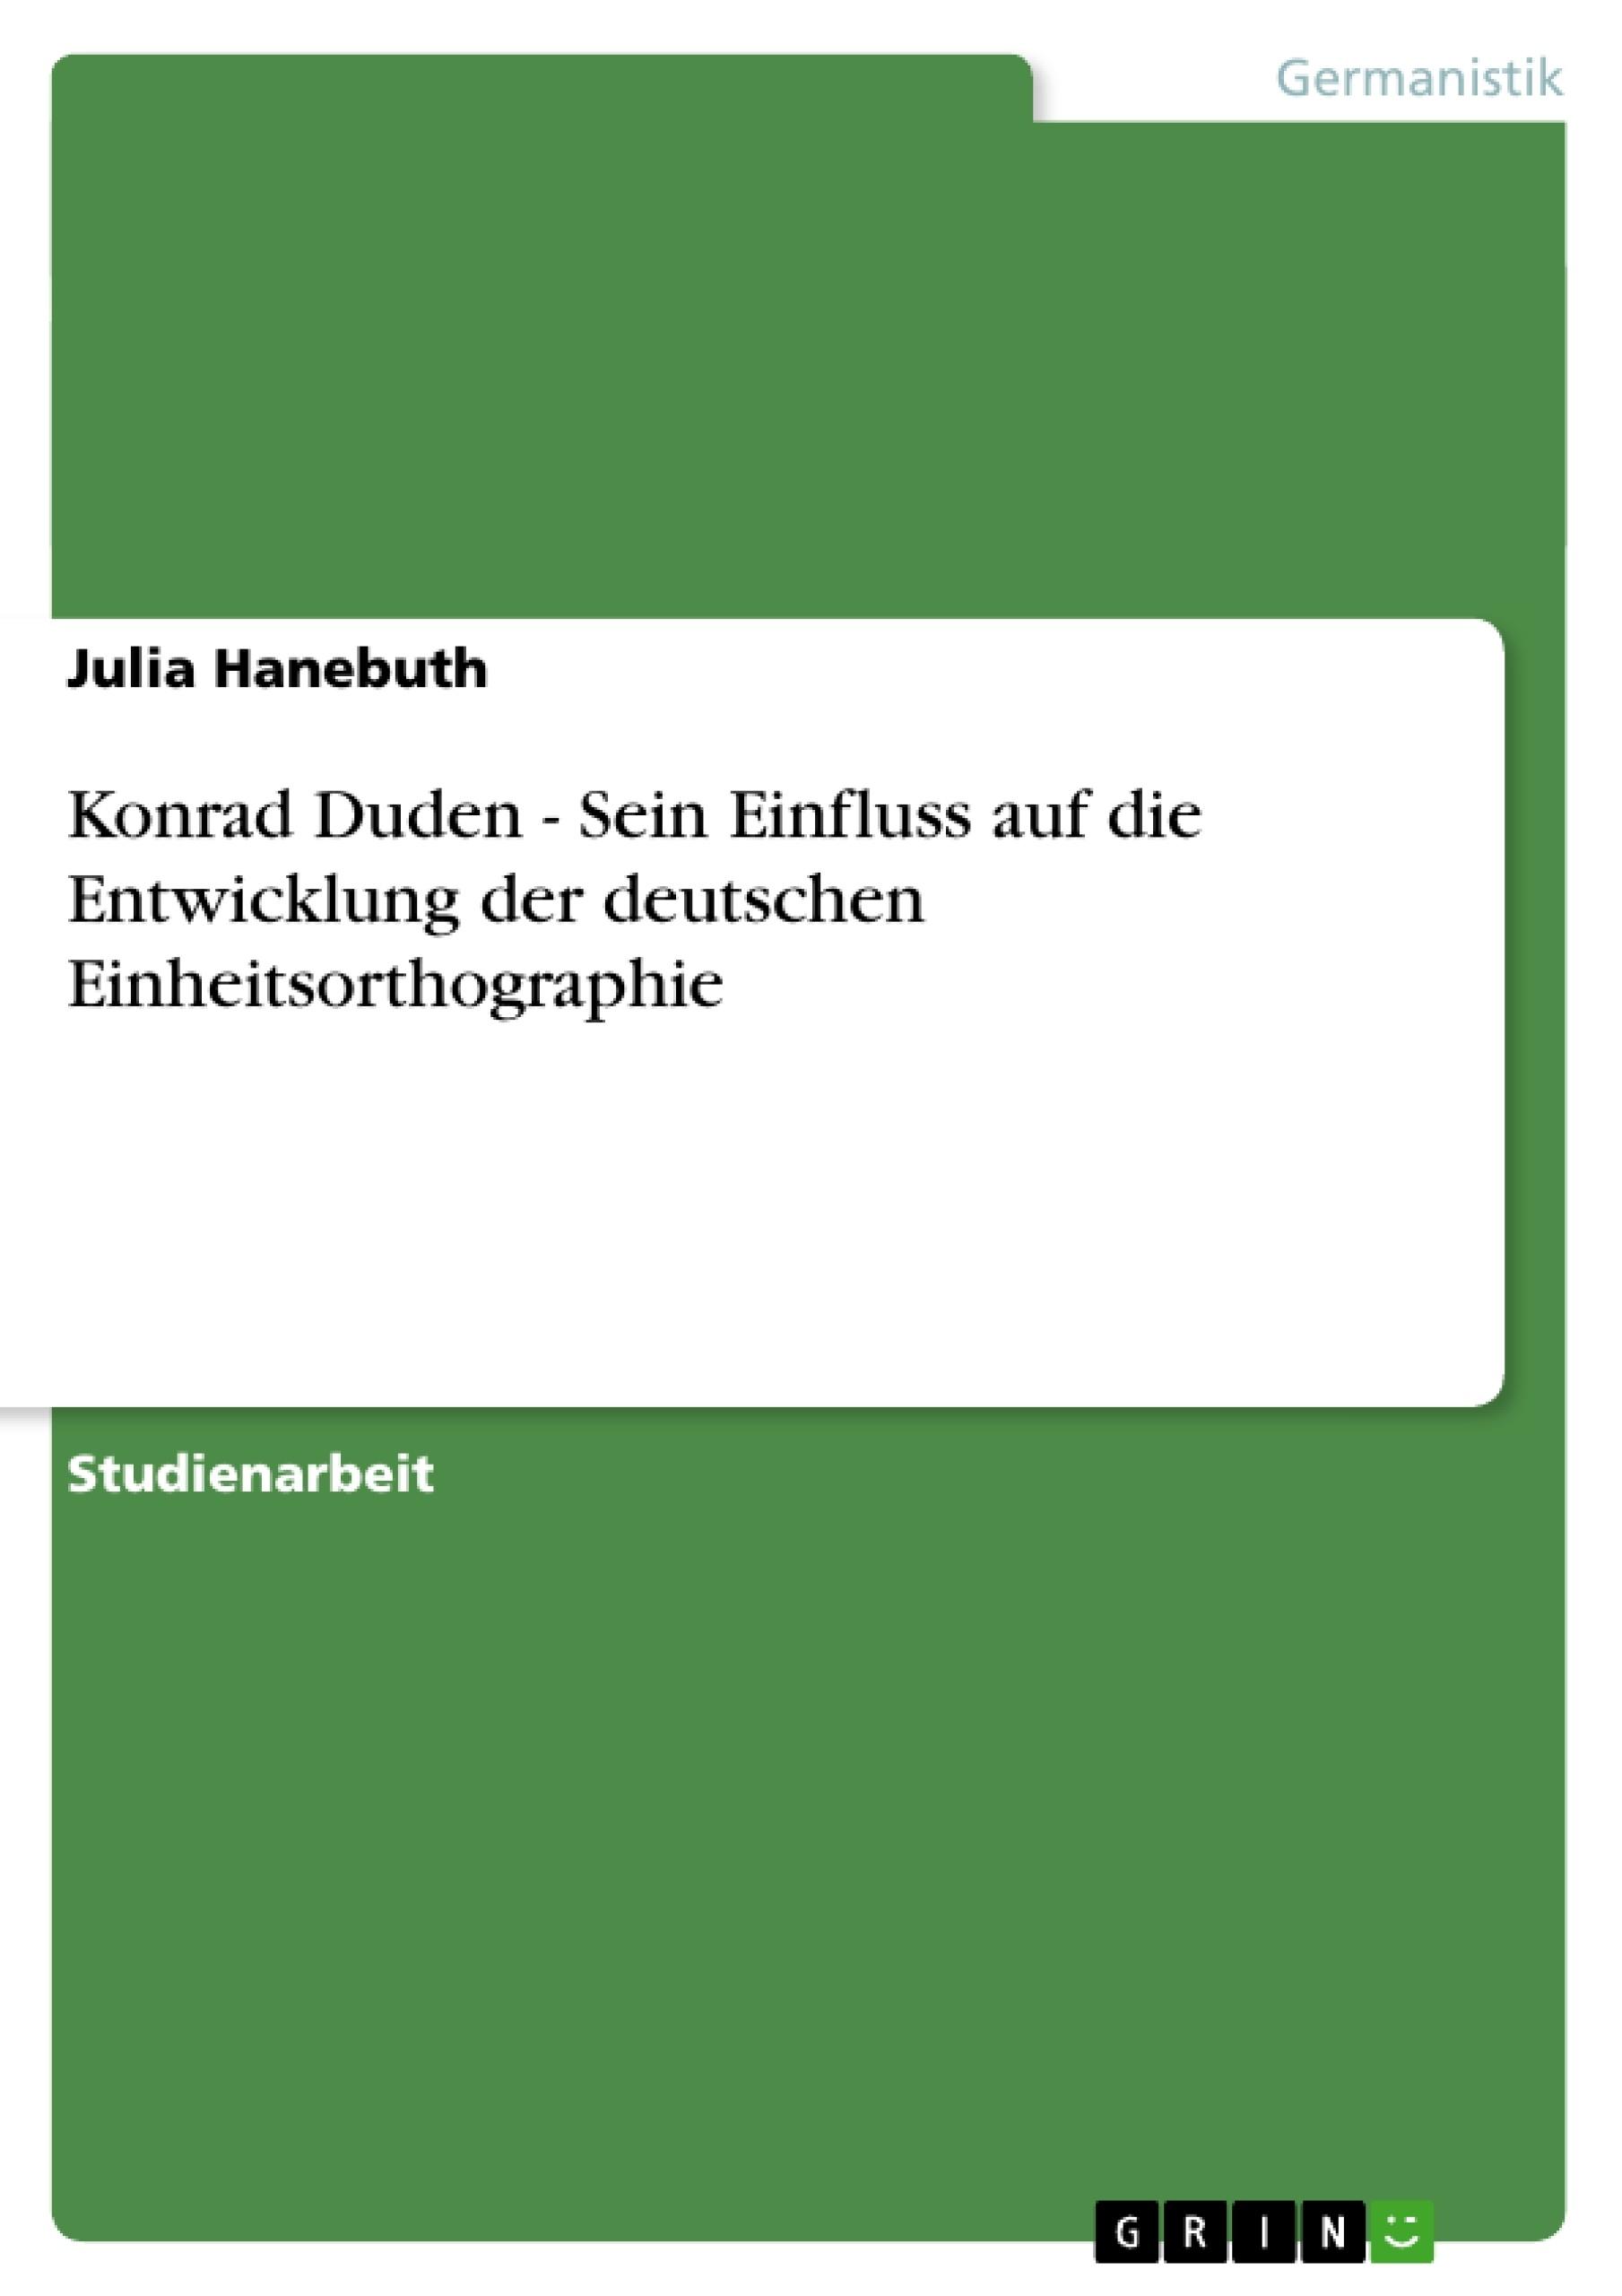 Titel: Konrad Duden - Sein Einfluss auf die Entwicklung der deutschen Einheitsorthographie